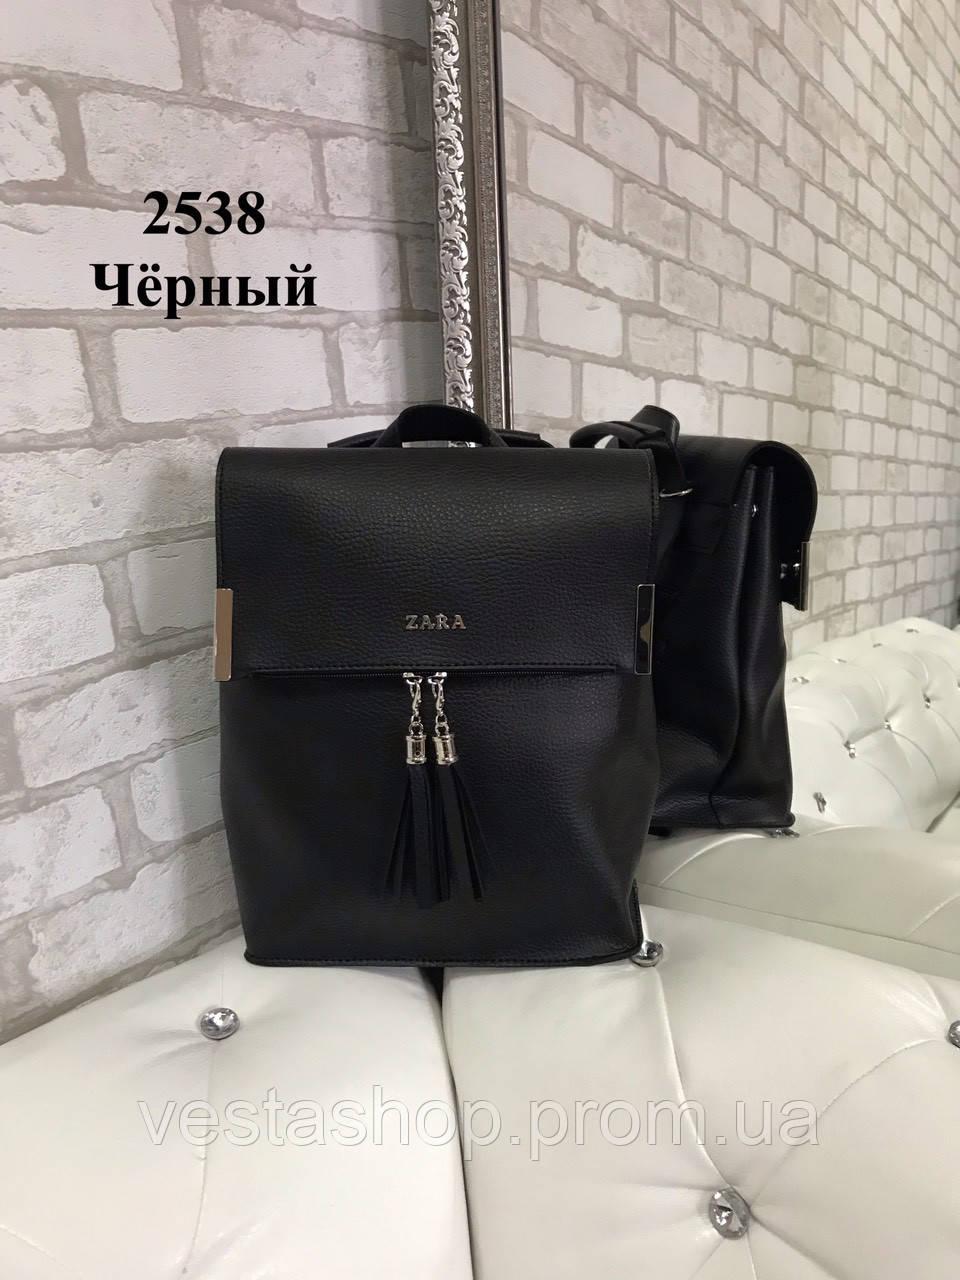 a10f5af458a3 Черный молодежный рюкзак Zara -